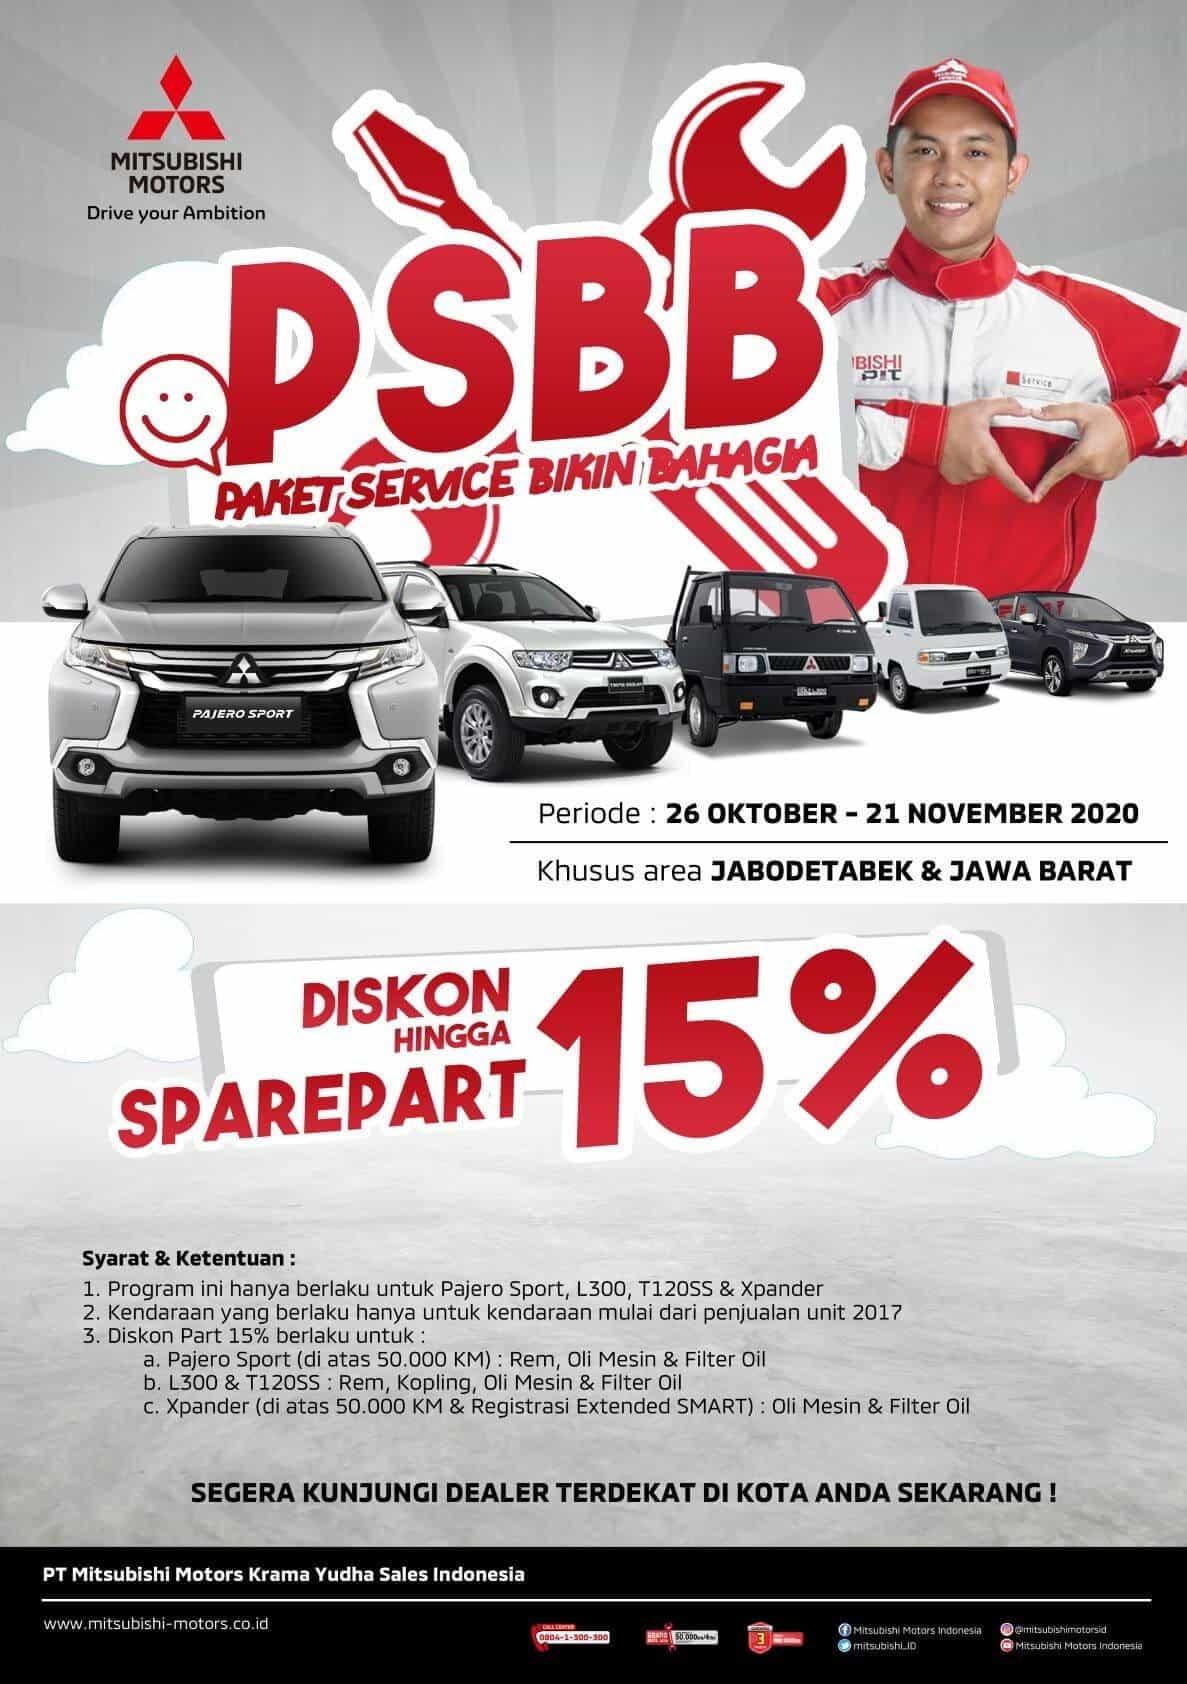 """MMKSI Hadirkan """"Regional Campaign"""", Program Spesial Bagi Konsumen Mitsubishi di Indonesia"""